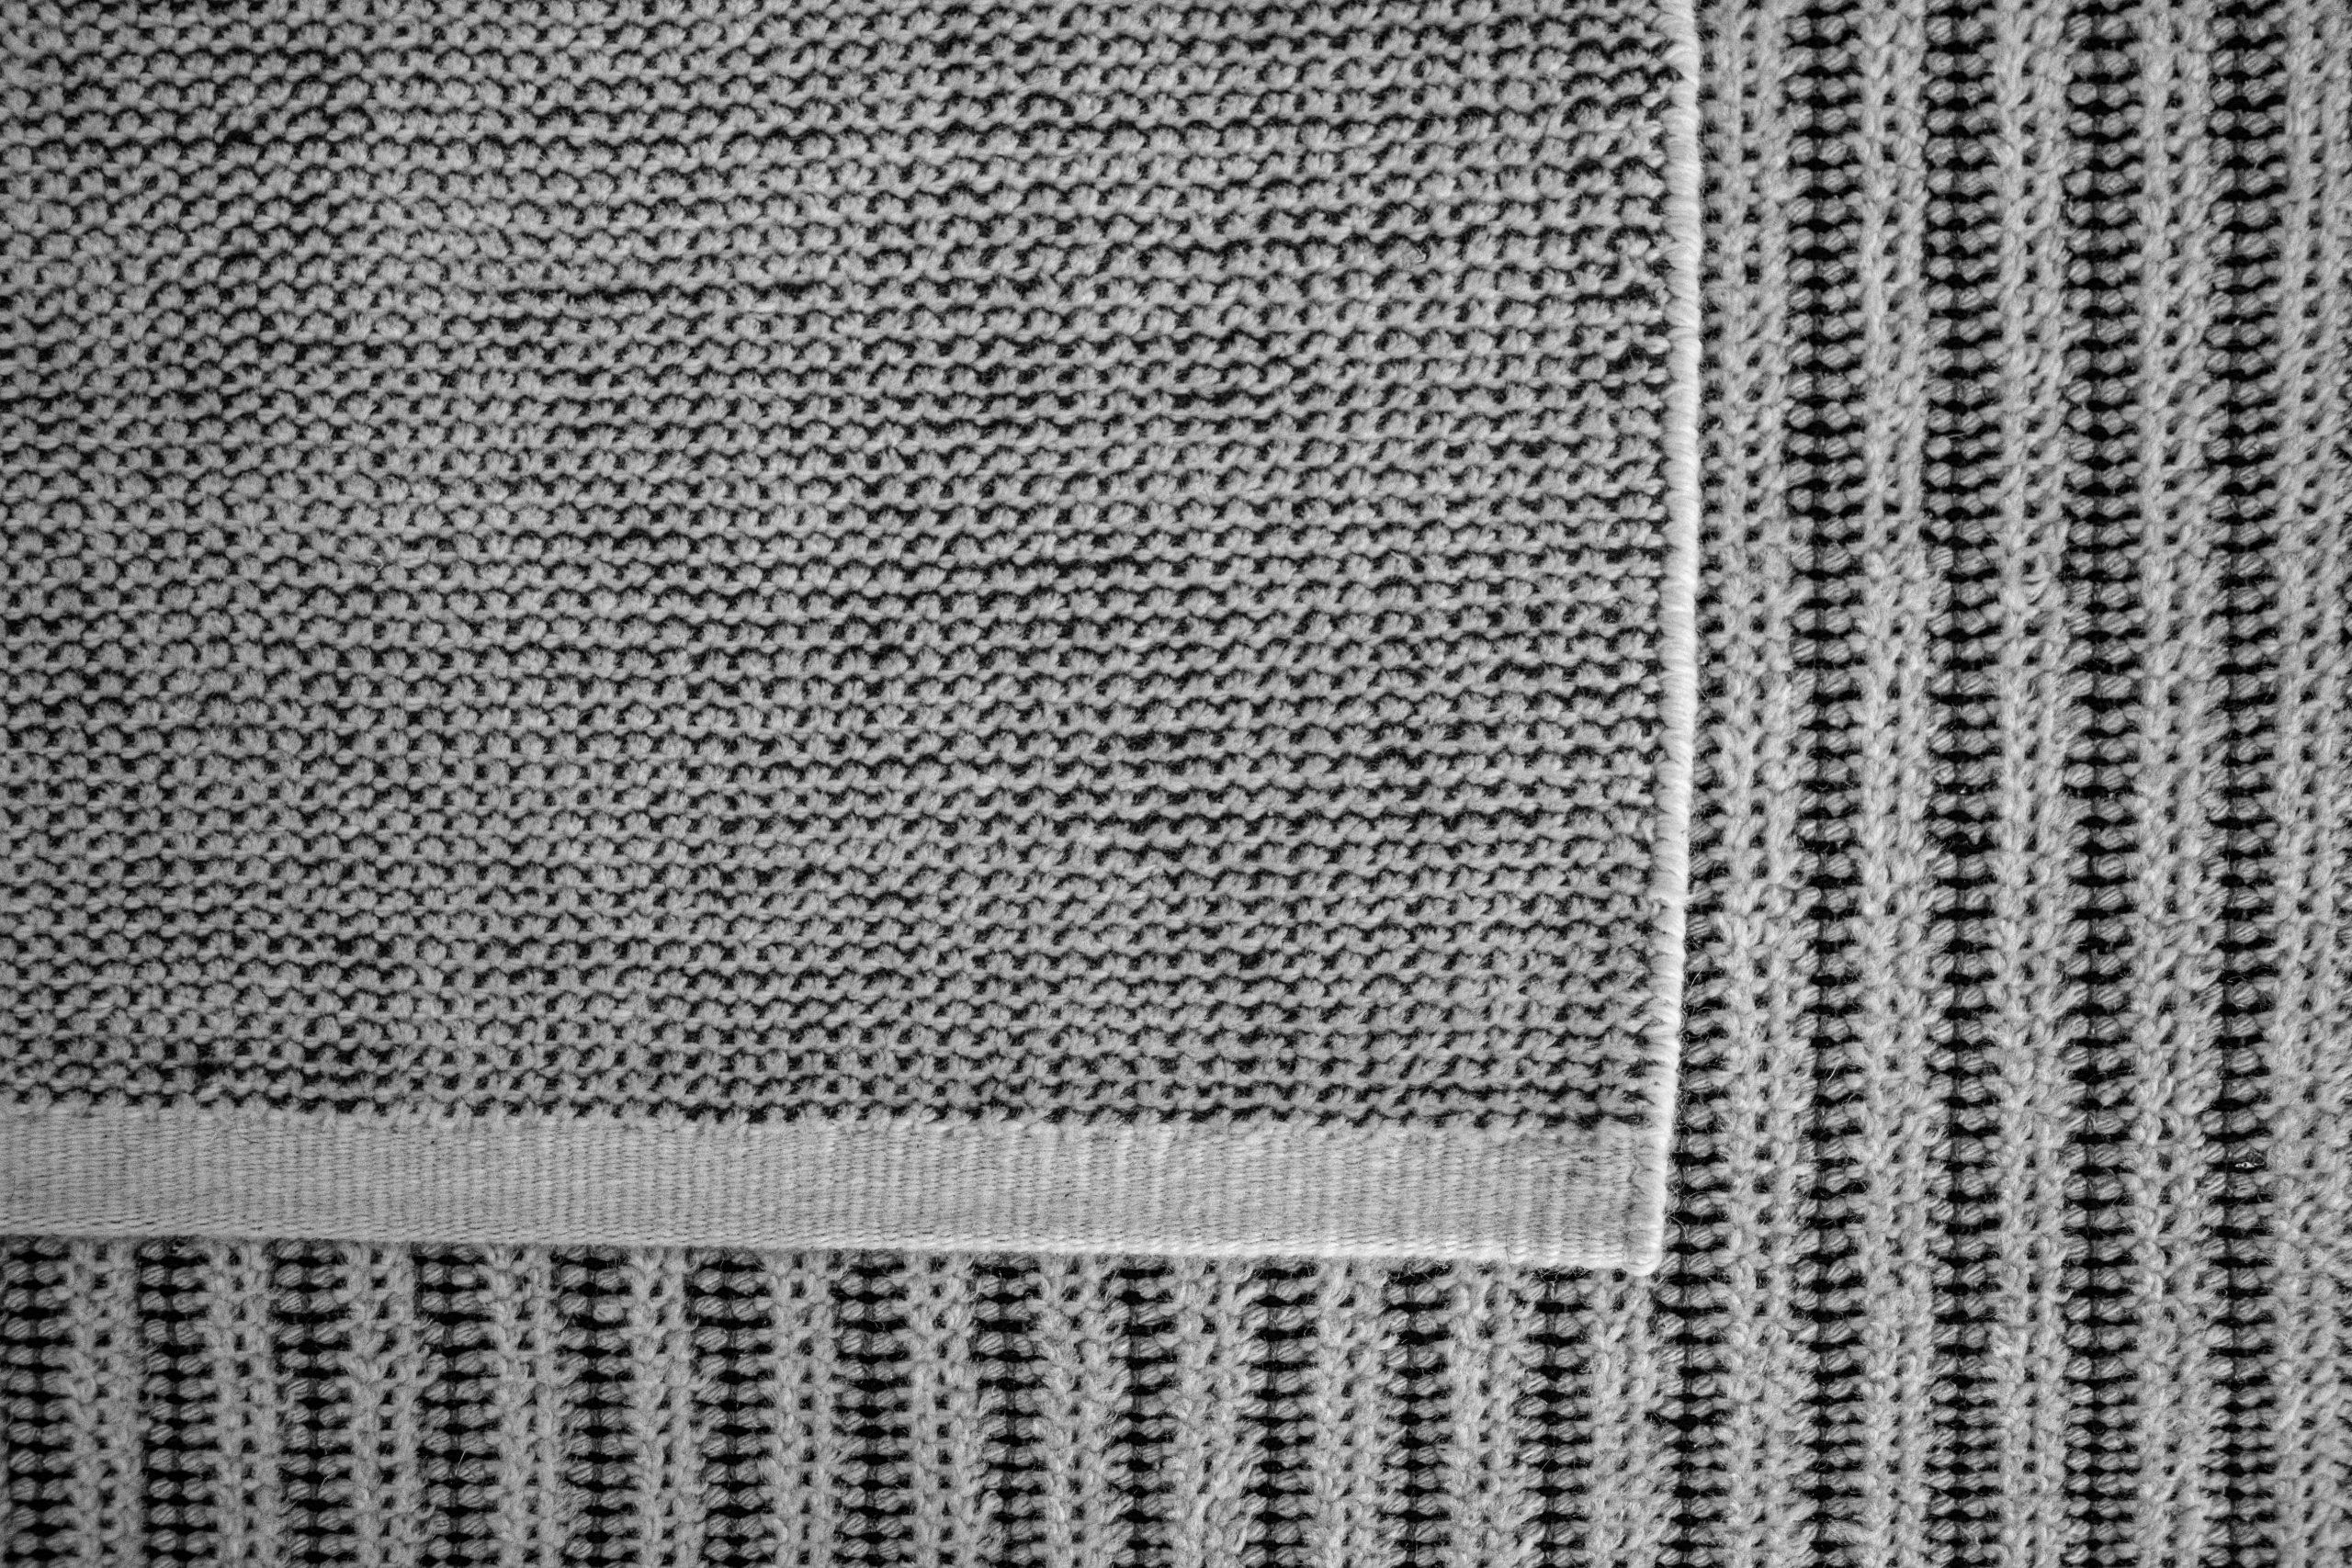 Möbel TAUSCH - einrichten - Teppich